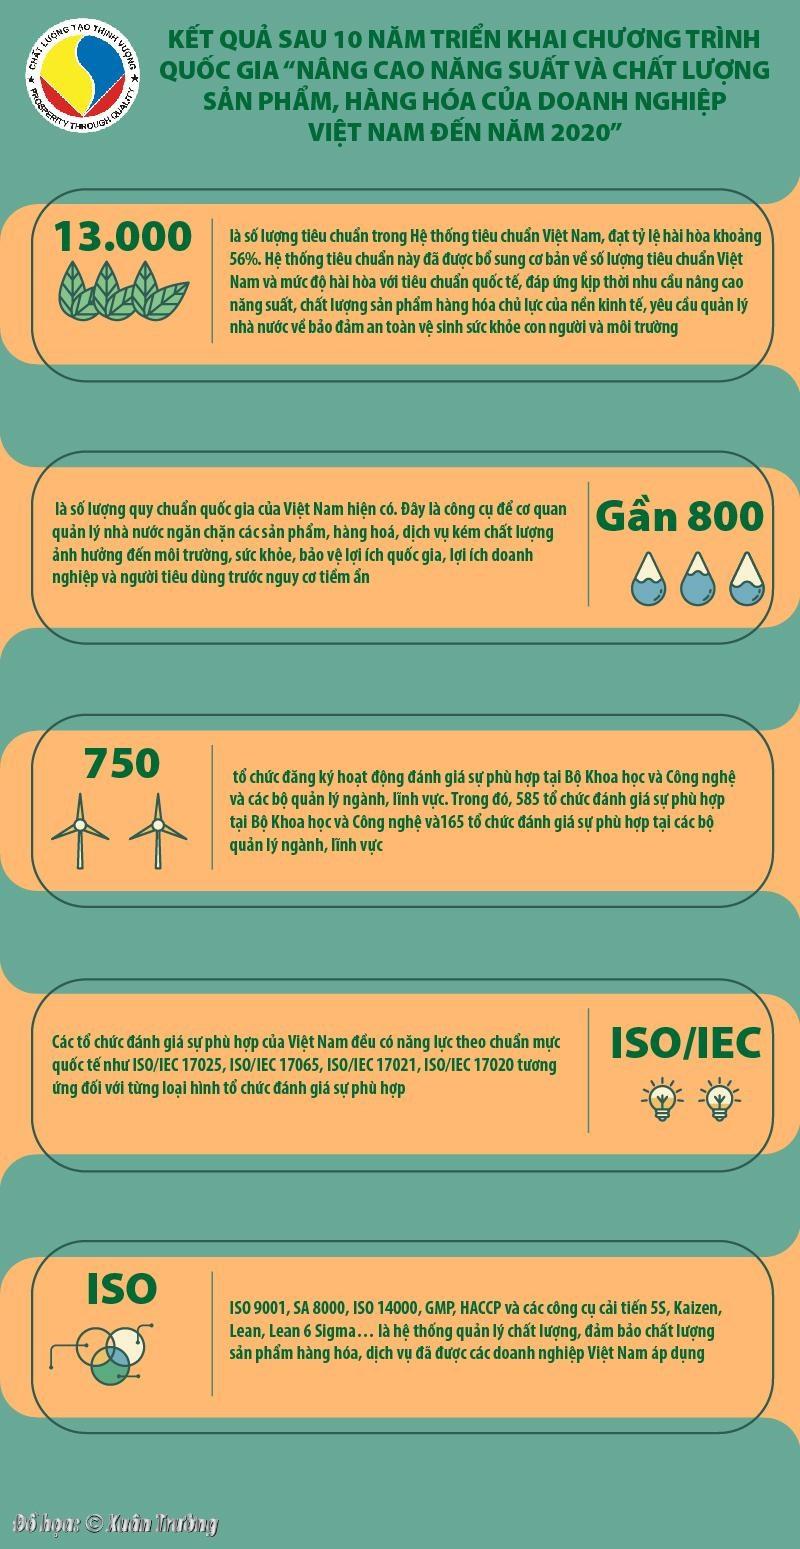 """[Infographics] Kết quả sau 10 năm triển khai Chương trình """"Nâng cao năng suất và chất lượng sản phẩm, hàng hóa của DN Việt Nam đến năm 2020"""" - Ảnh 1"""